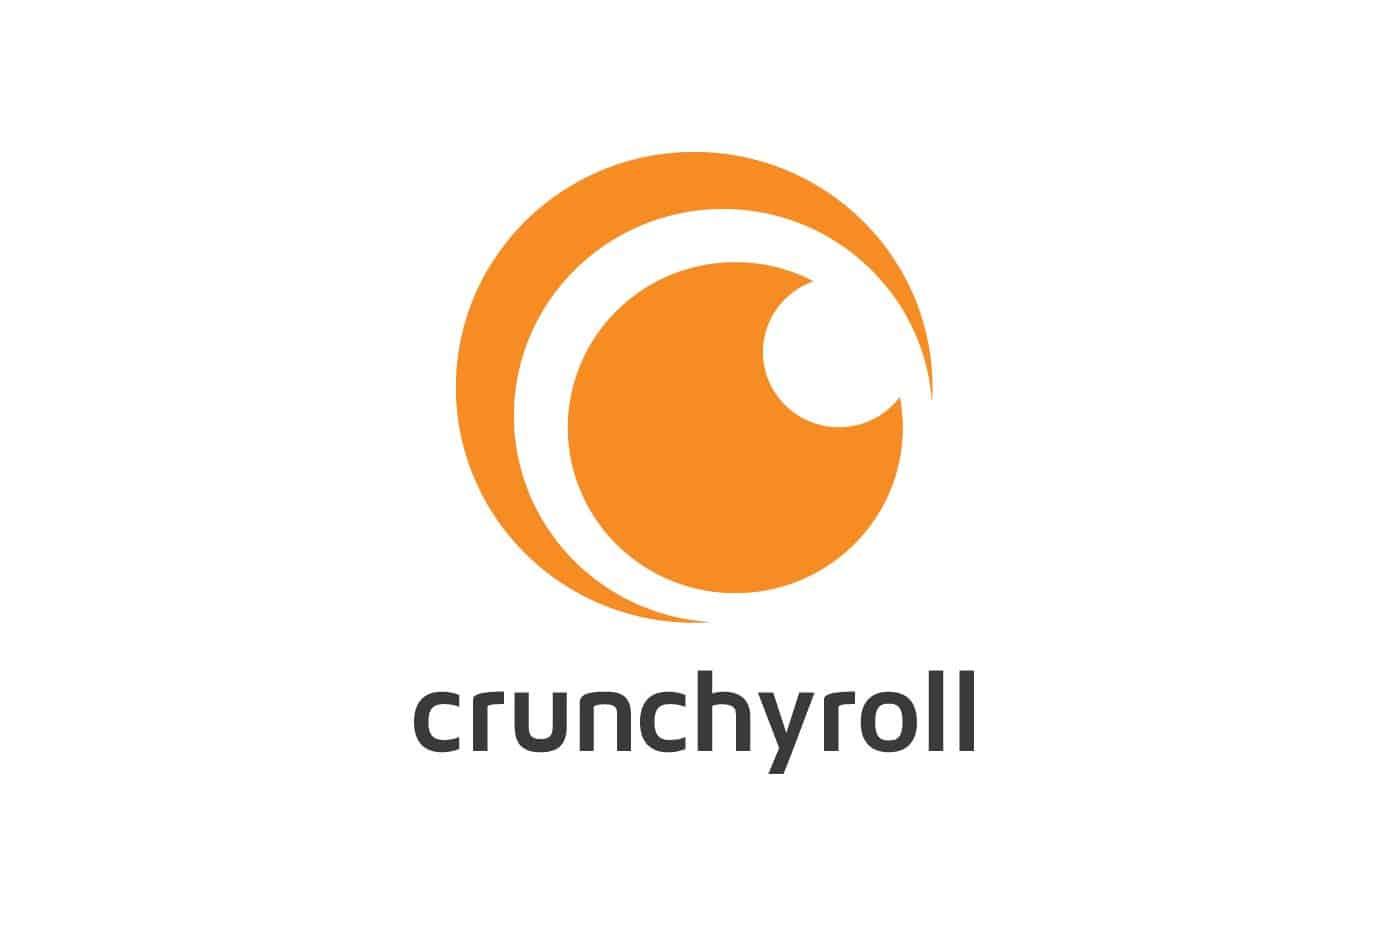 Crunchyroll vient d'être racheté par Sony